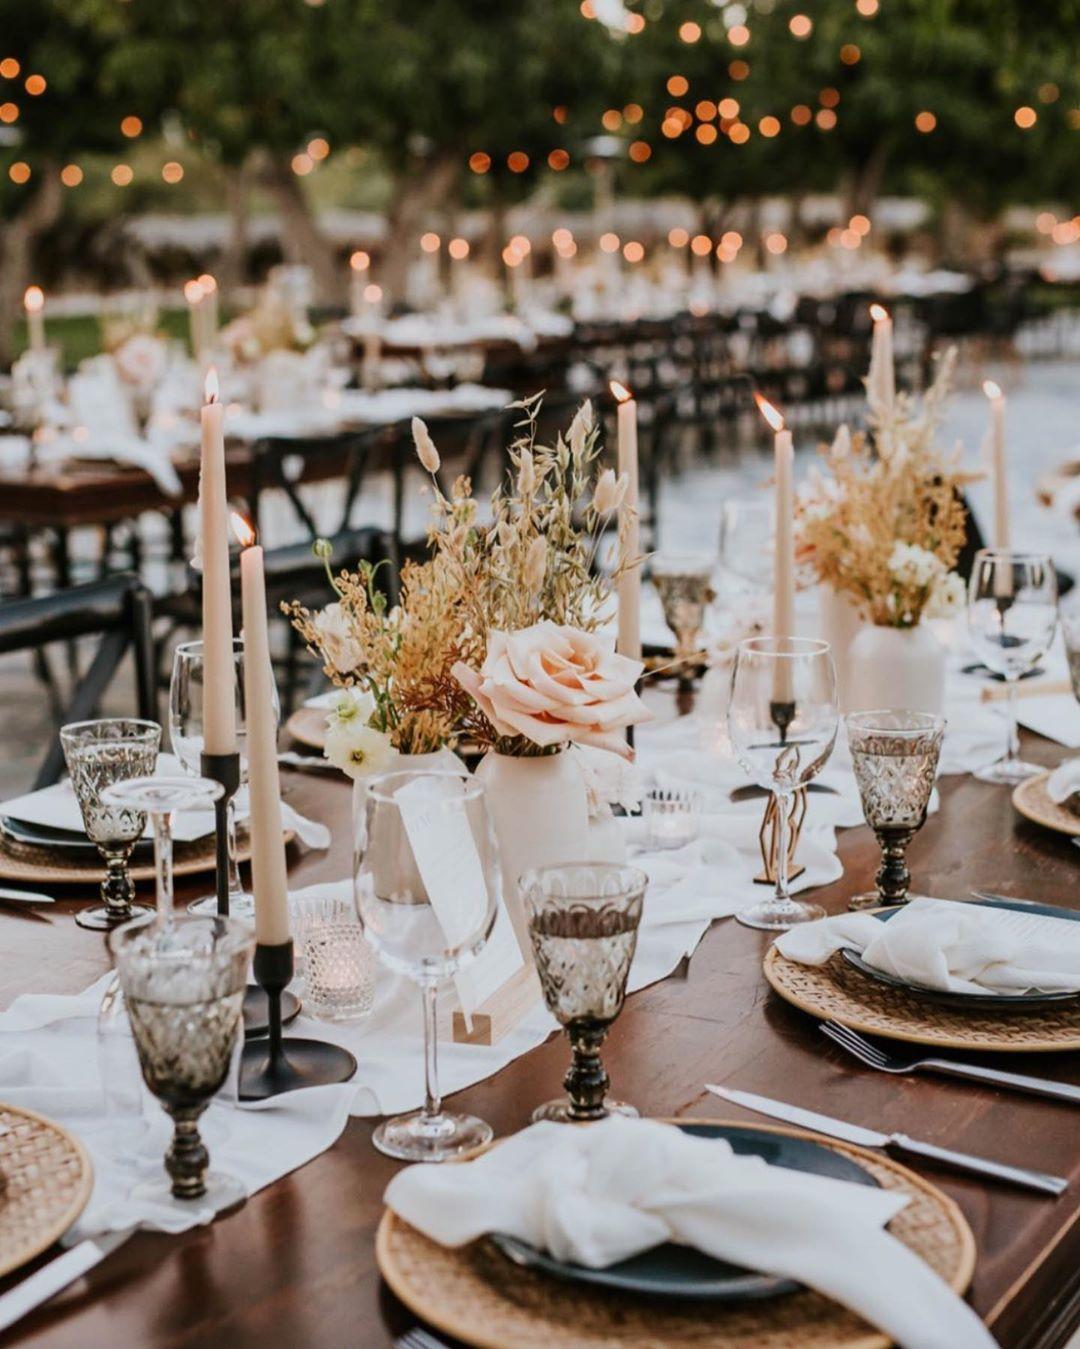 30 Me Gusta 0 Comentarios Baja Boutique Rental Company Bajaboutiquerentalcompany En Instagram S In 2020 Wedding Rentals Beach Wedding Decorations Cabo Weddings